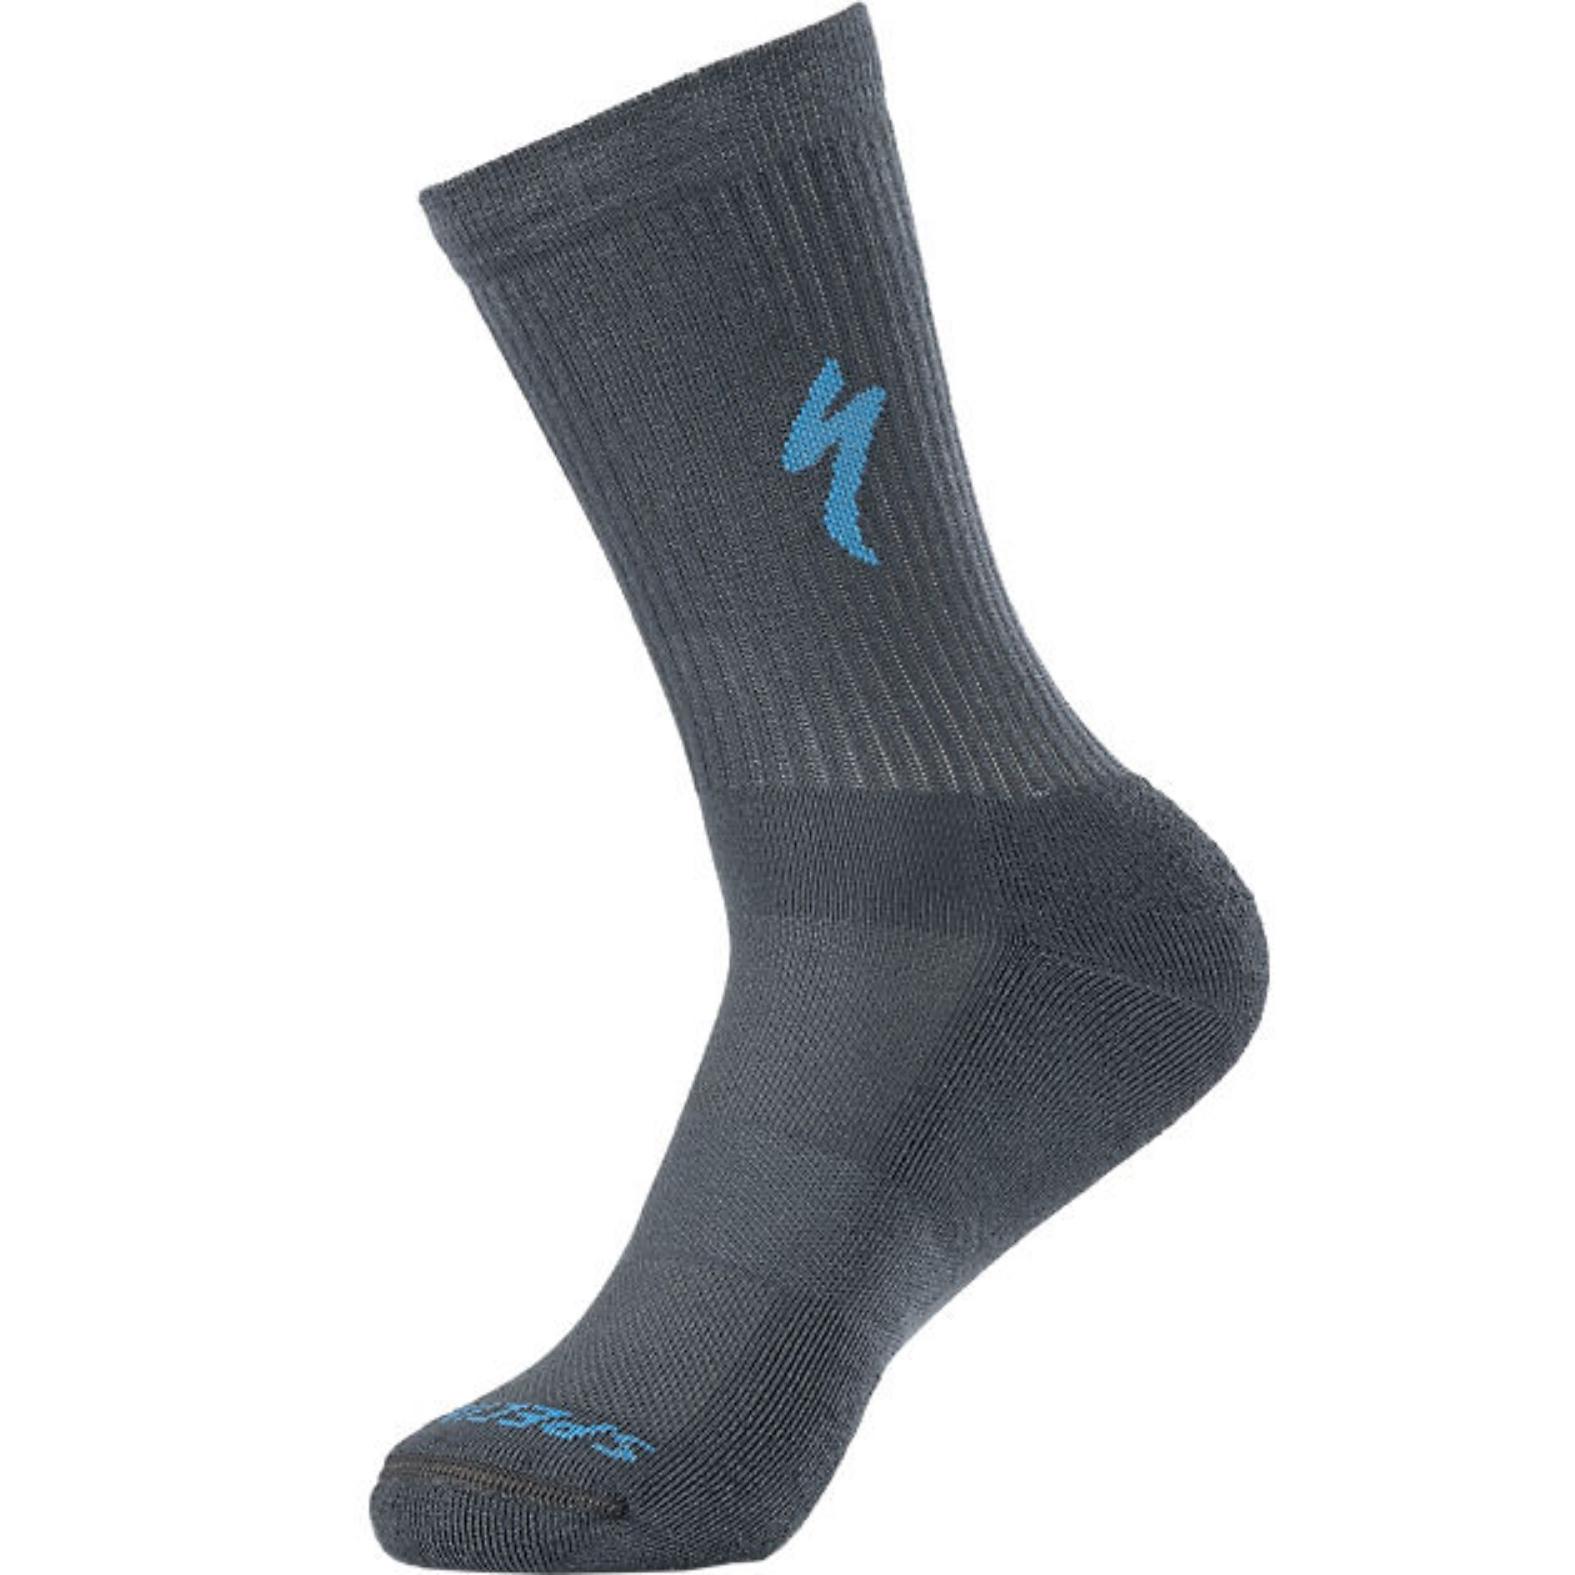 Specialized Socks